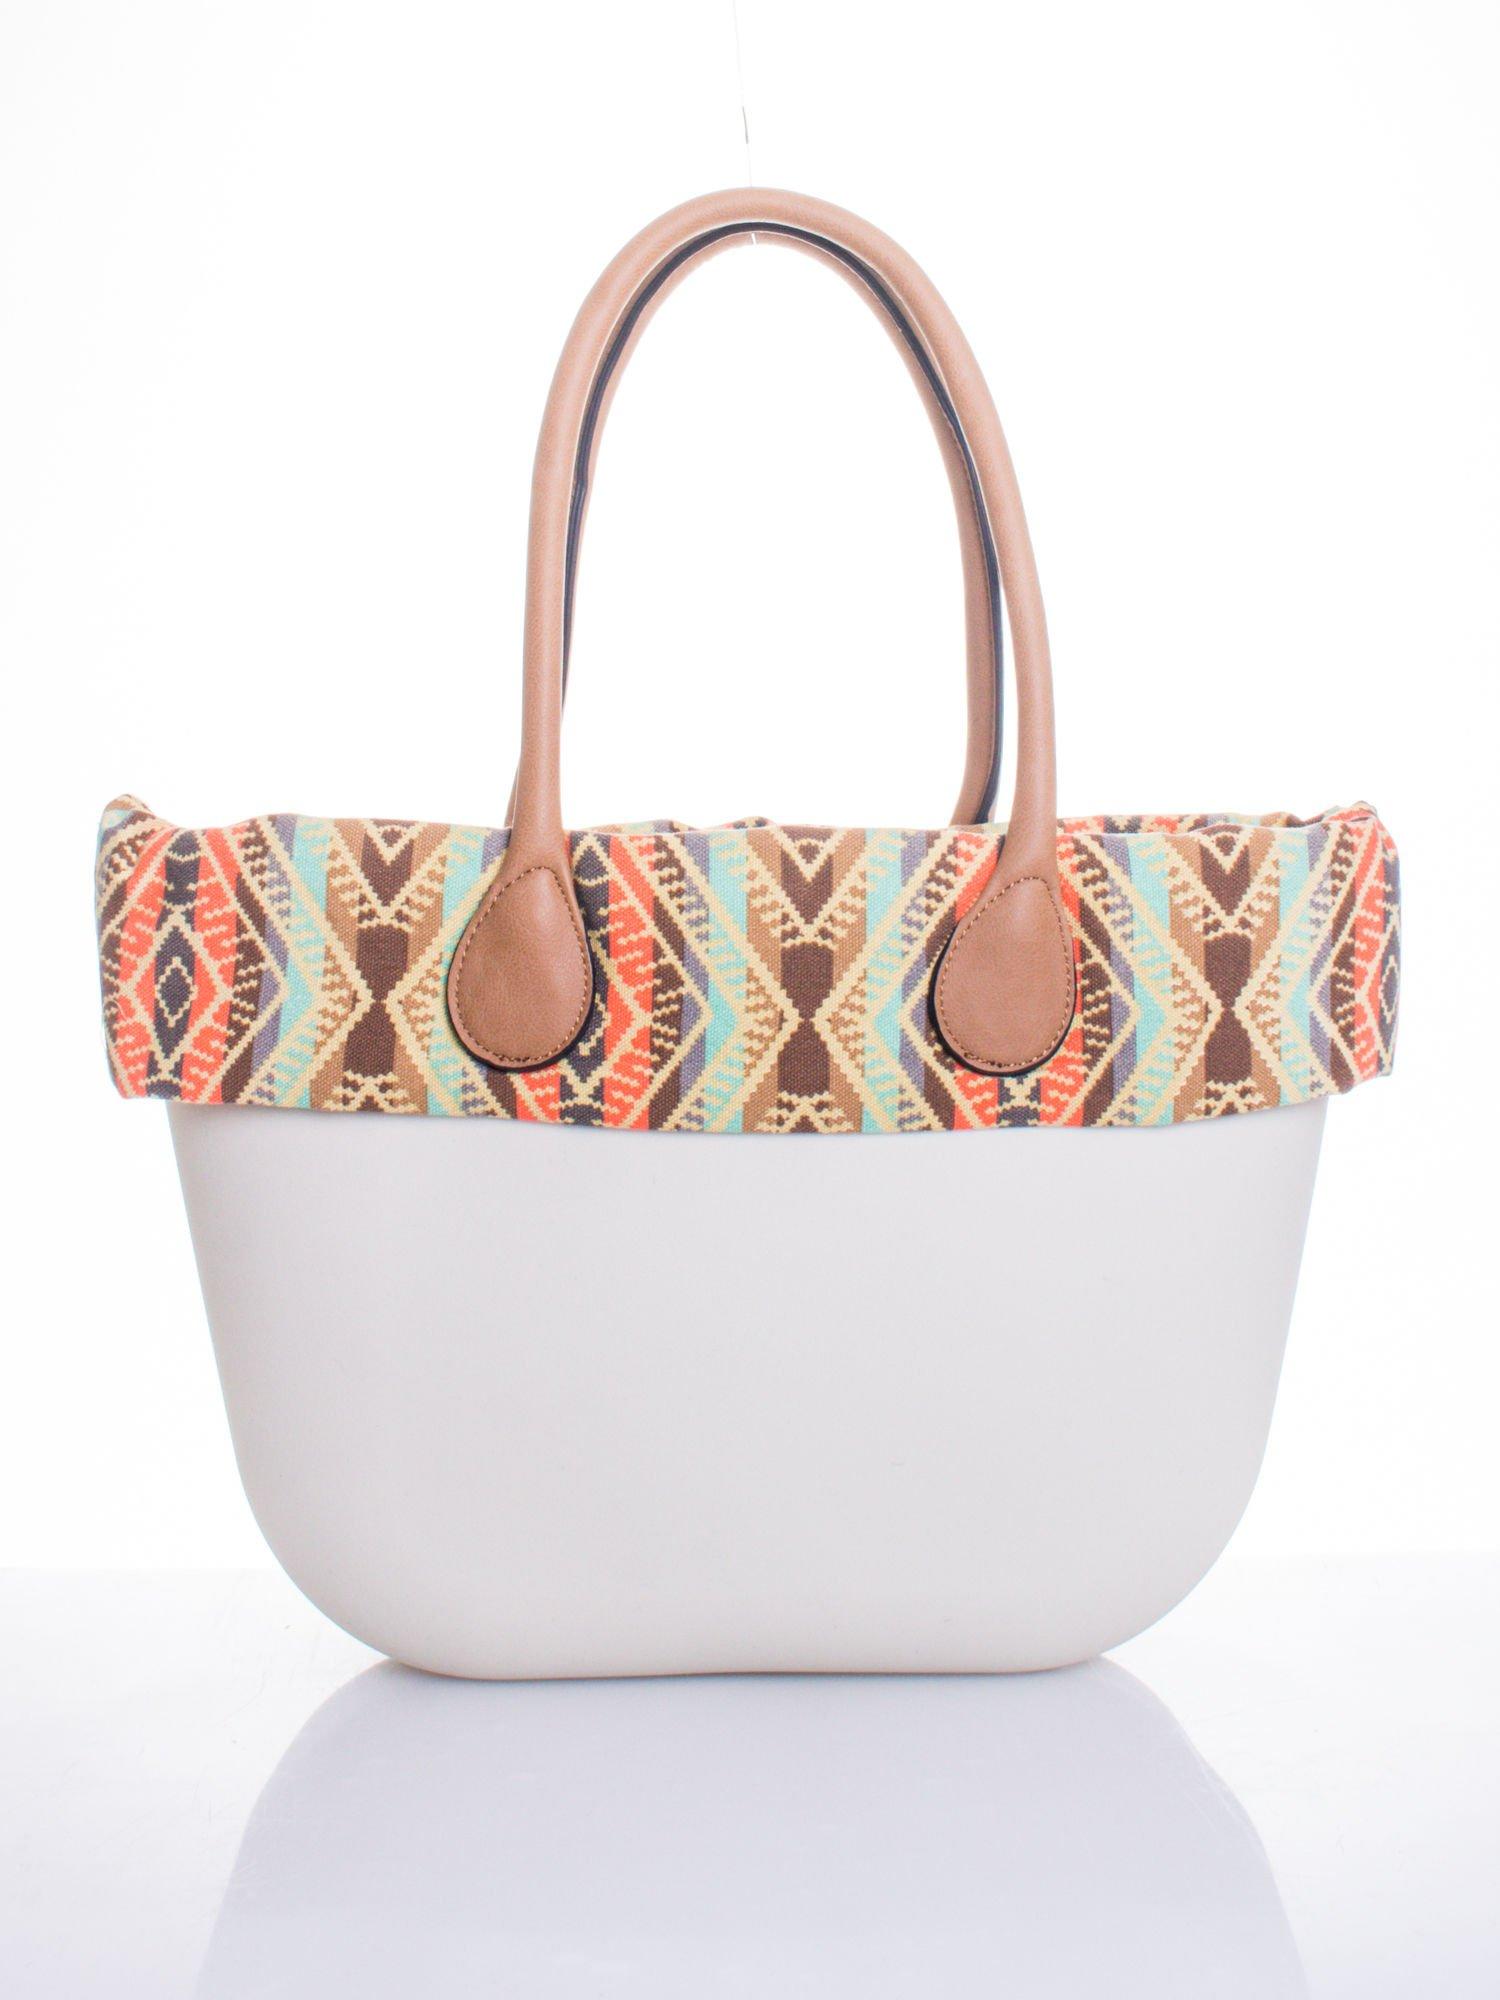 Biała torba gumowa z motywem azteckim                                  zdj.                                  1